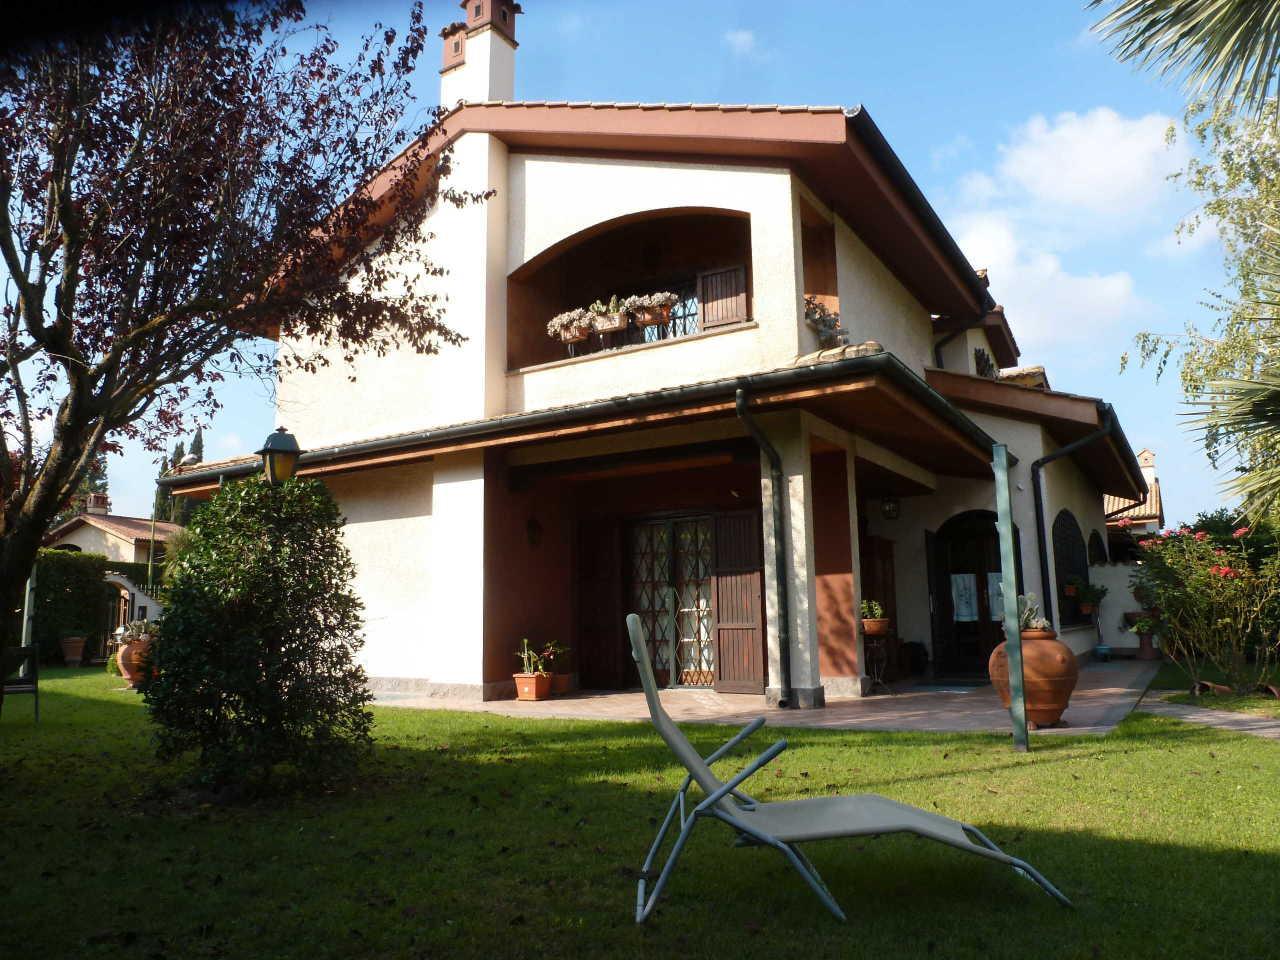 Soluzione Indipendente in vendita a Rocca di Papa, 7 locali, prezzo € 670.000 | Cambio Casa.it